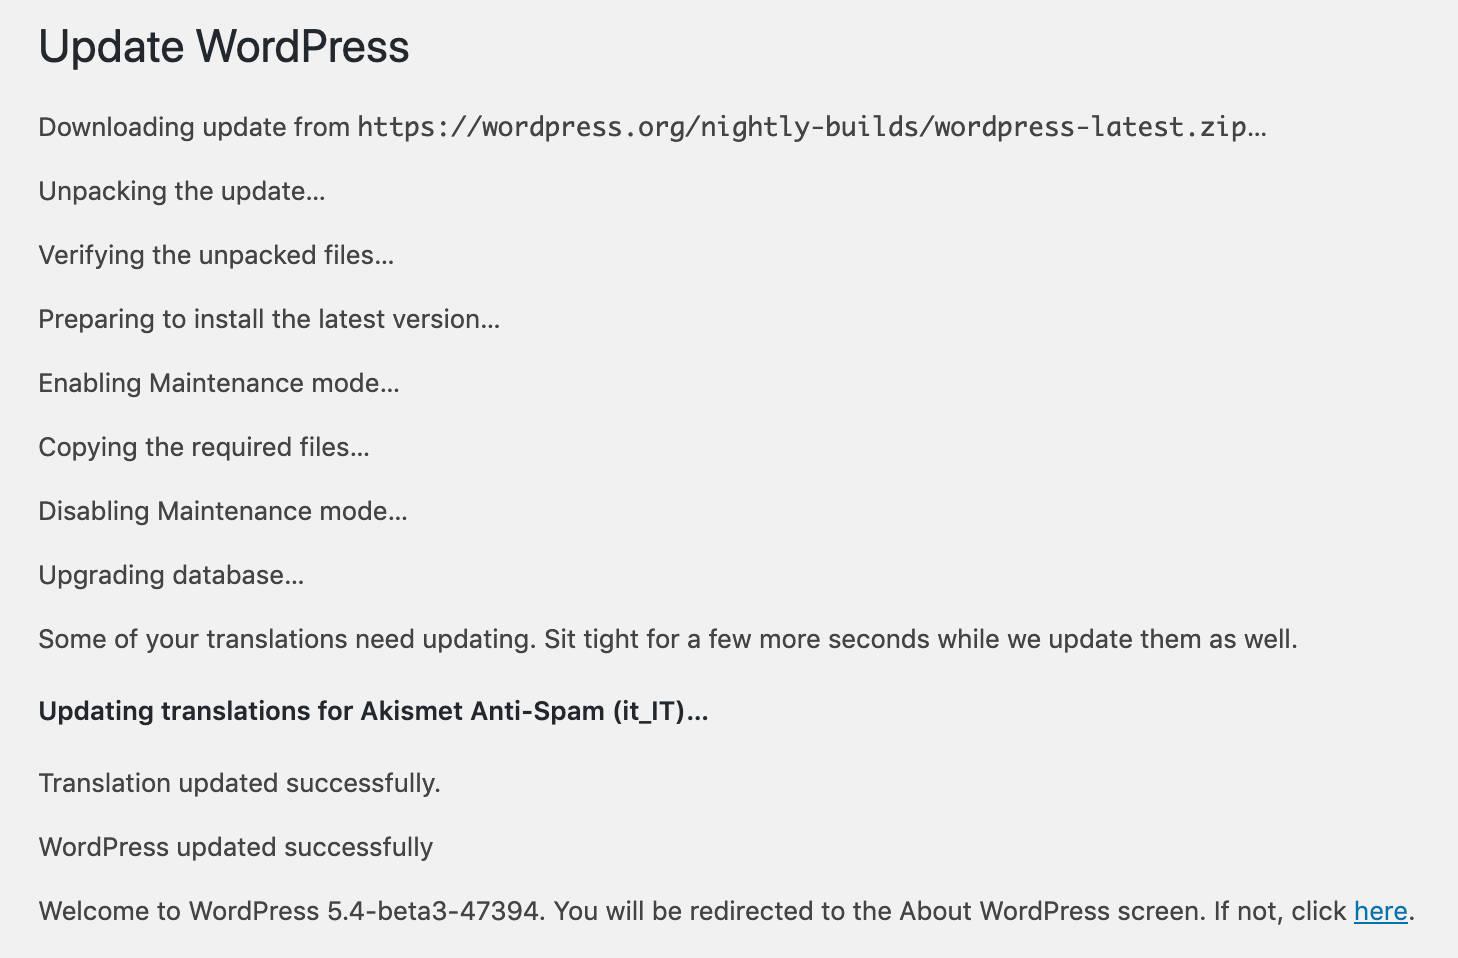 Progresso nell'aggiornamento di WordPress